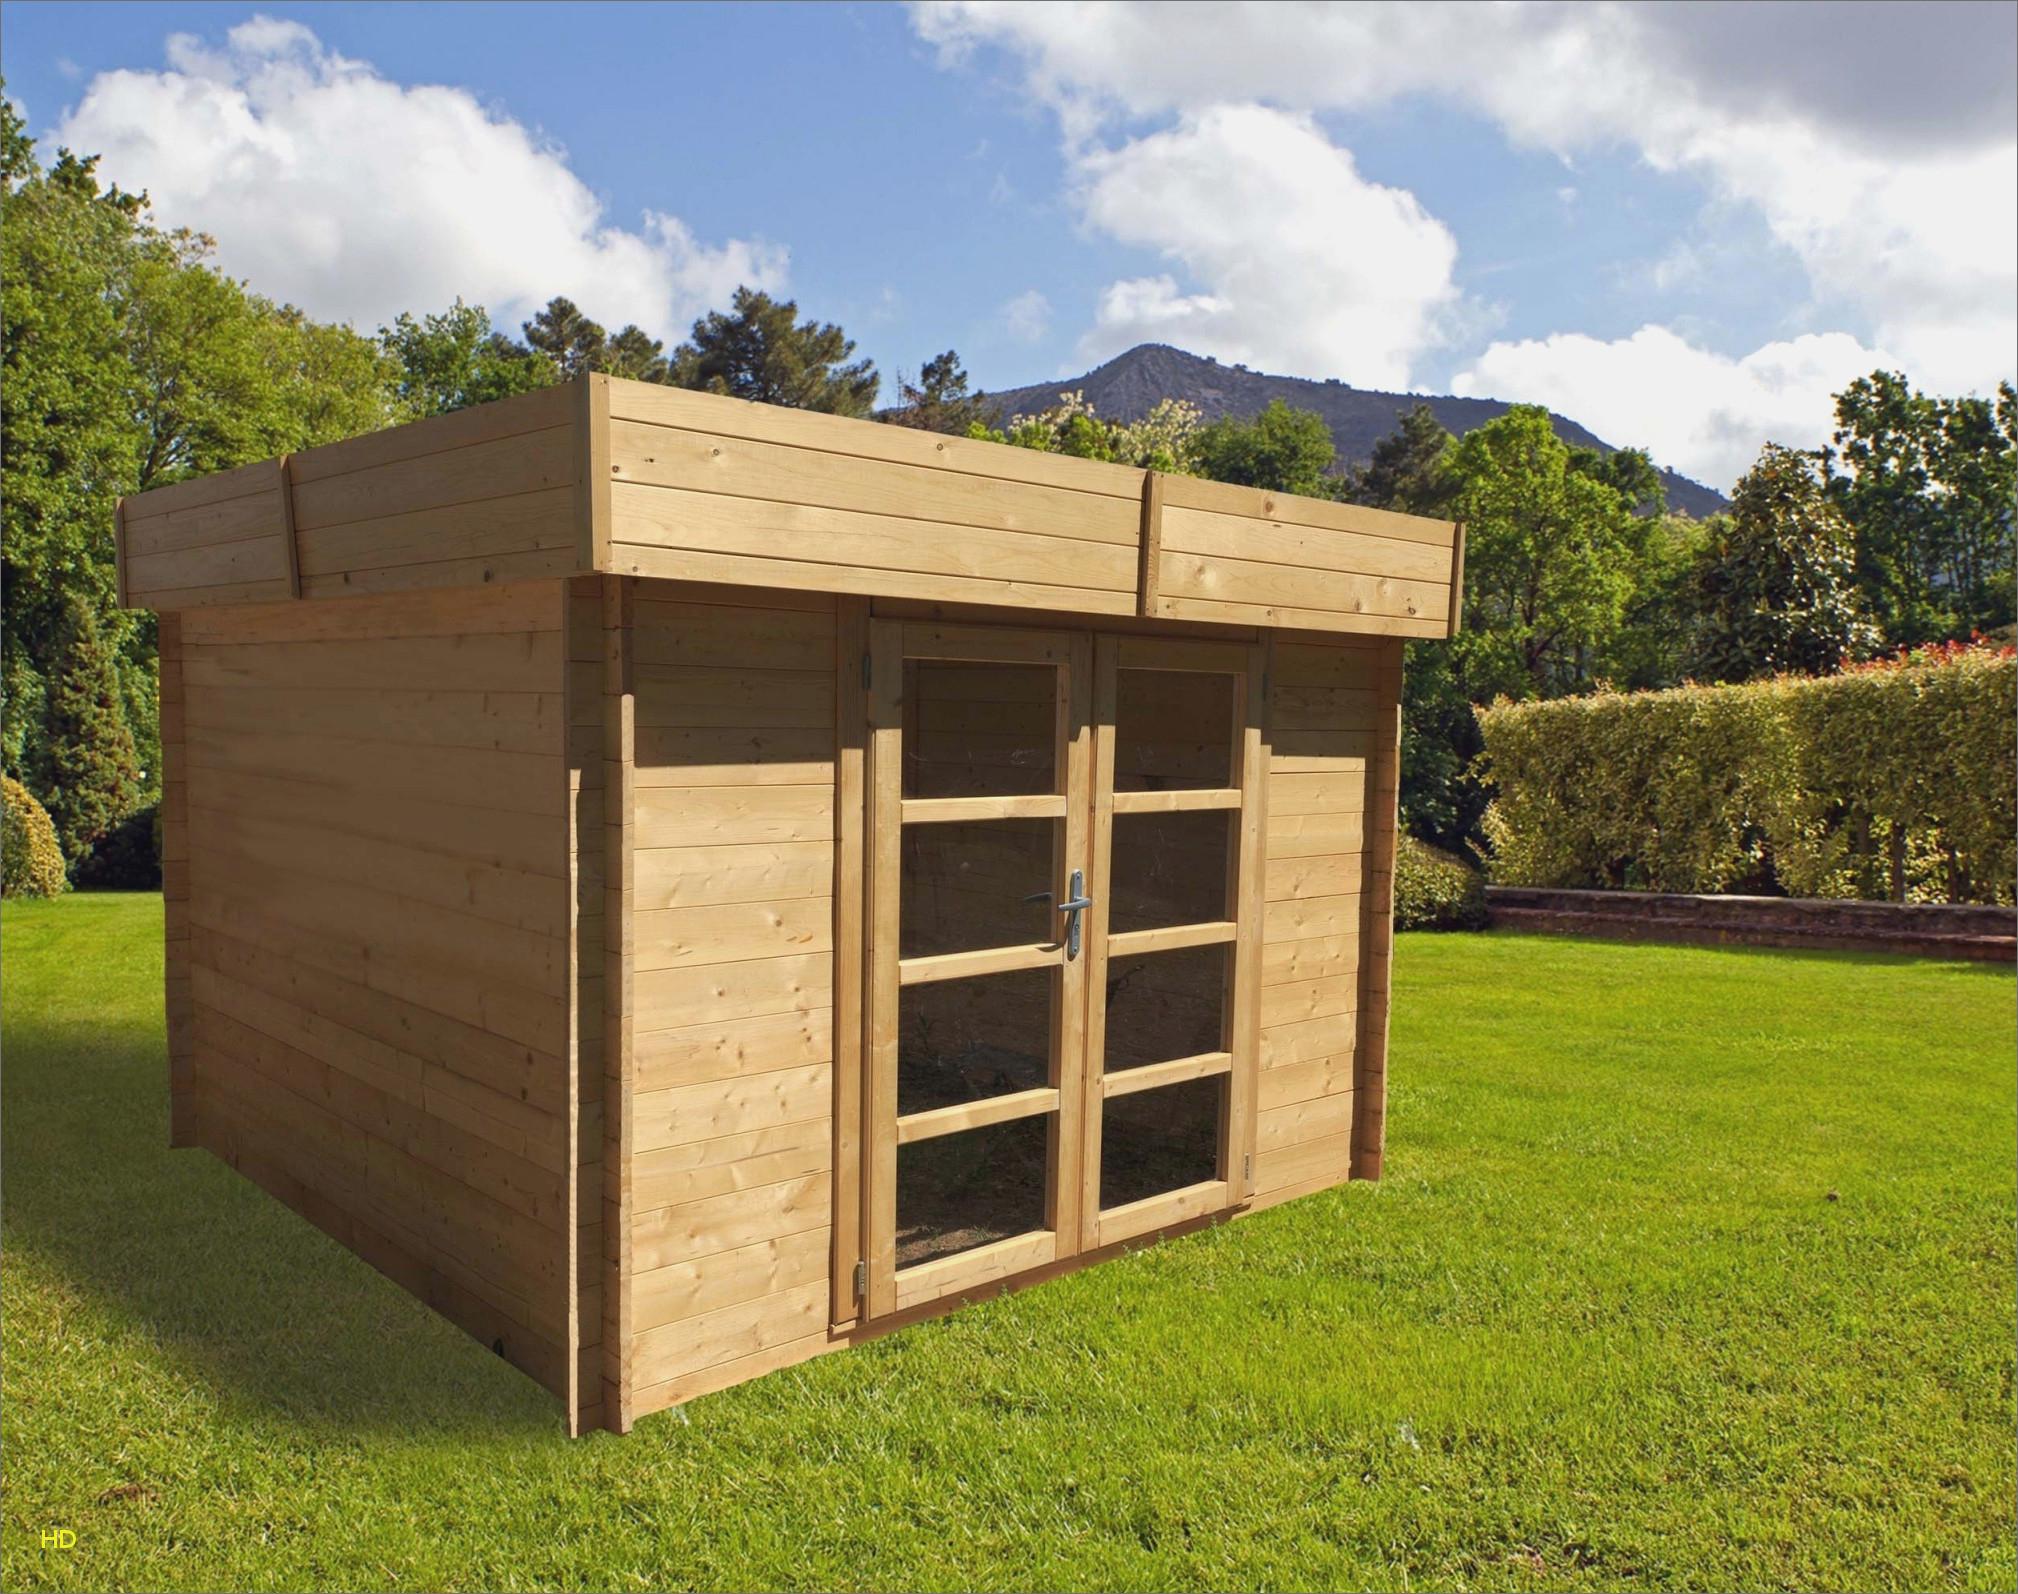 Castorama Banc De Jardin Élégant Collection Haut 40 De Maison En Bois Jardin Concept